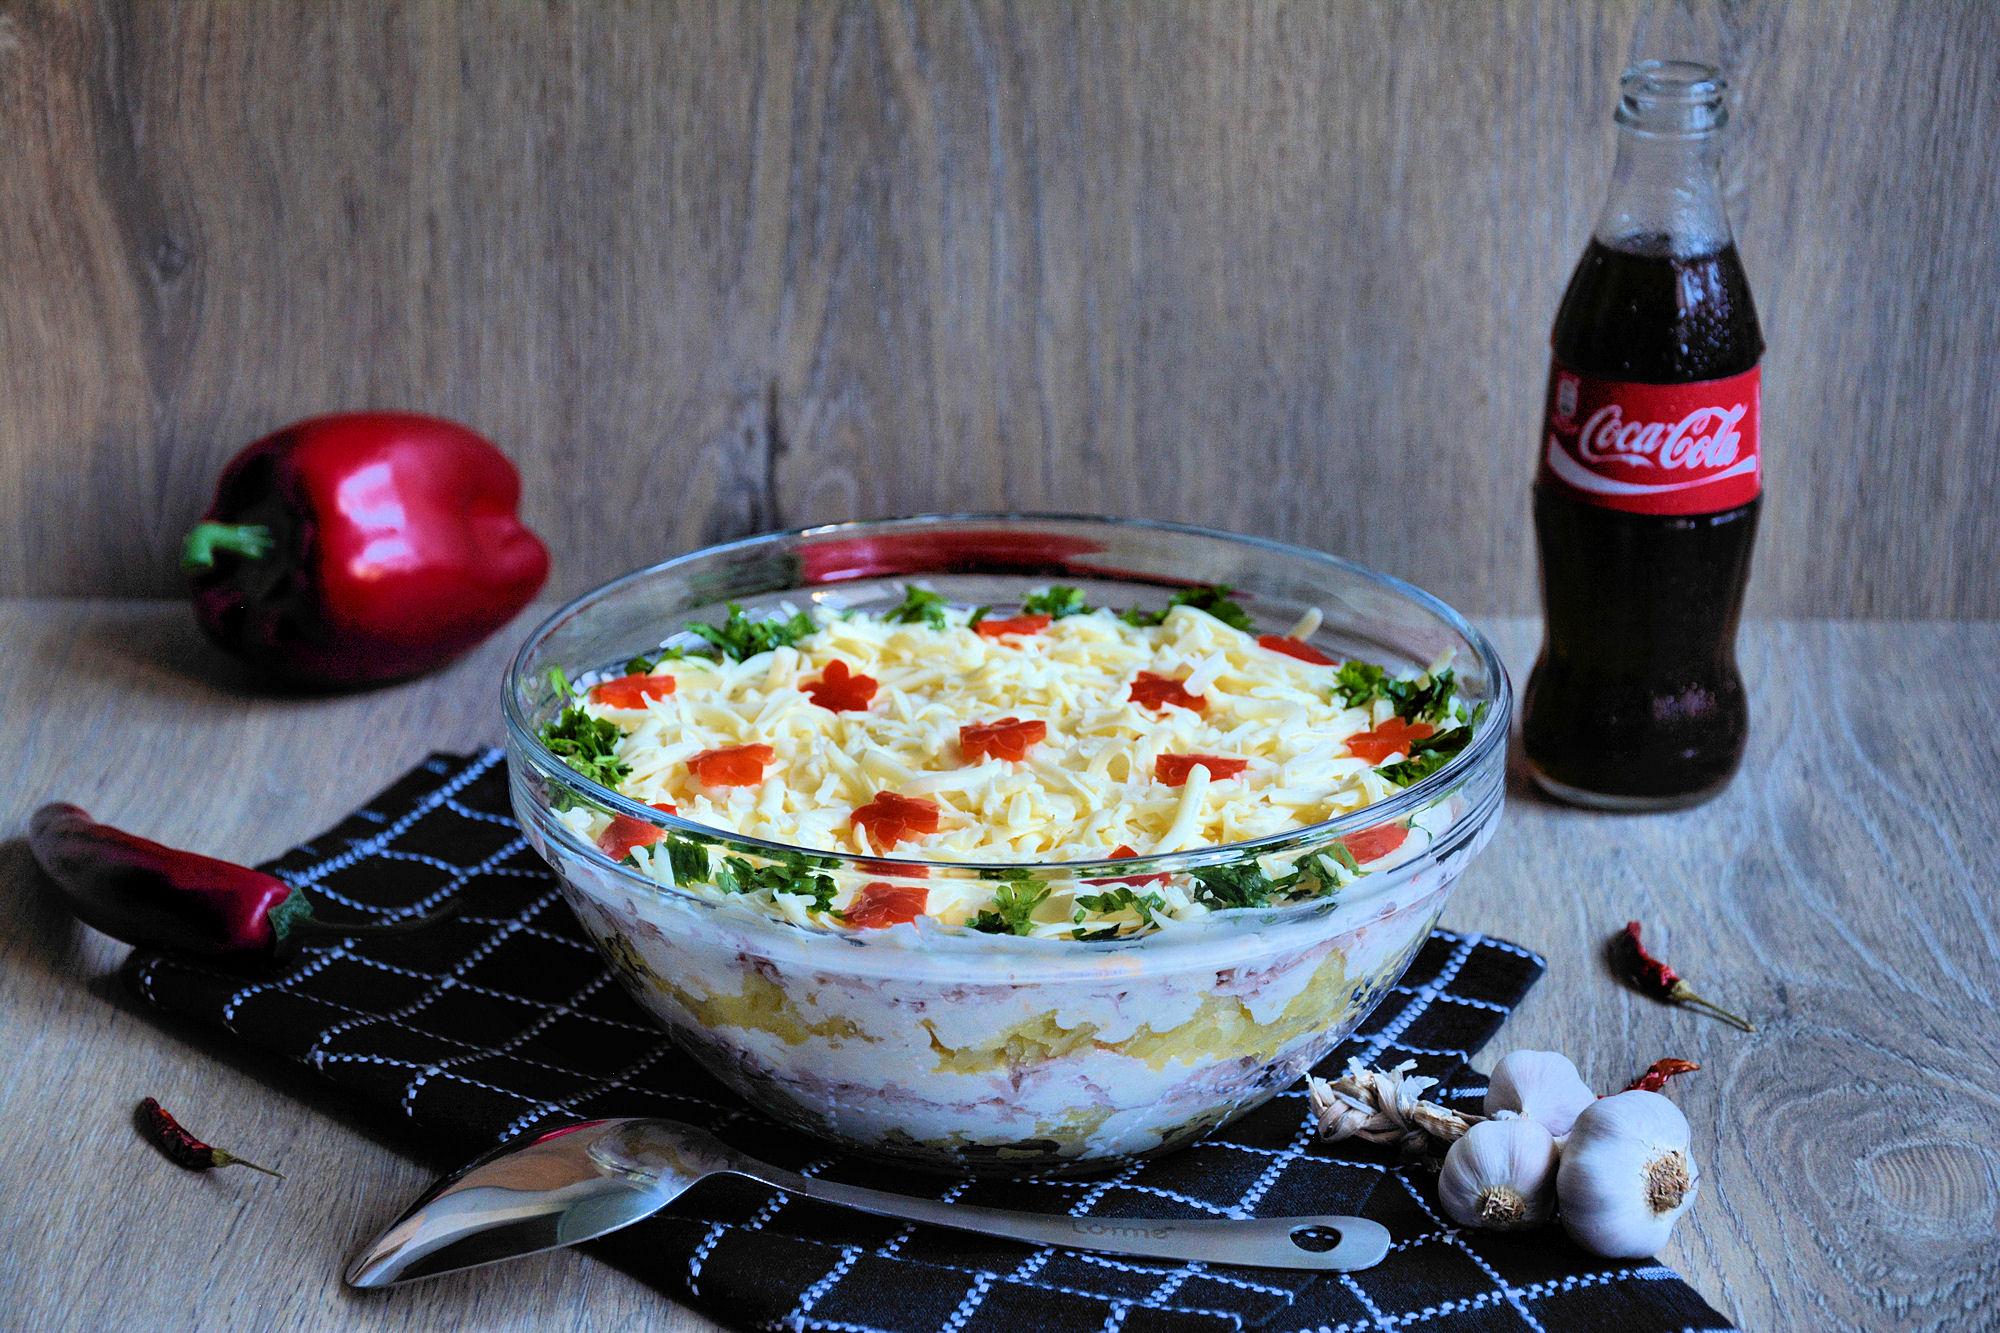 Slojevita salata (video)